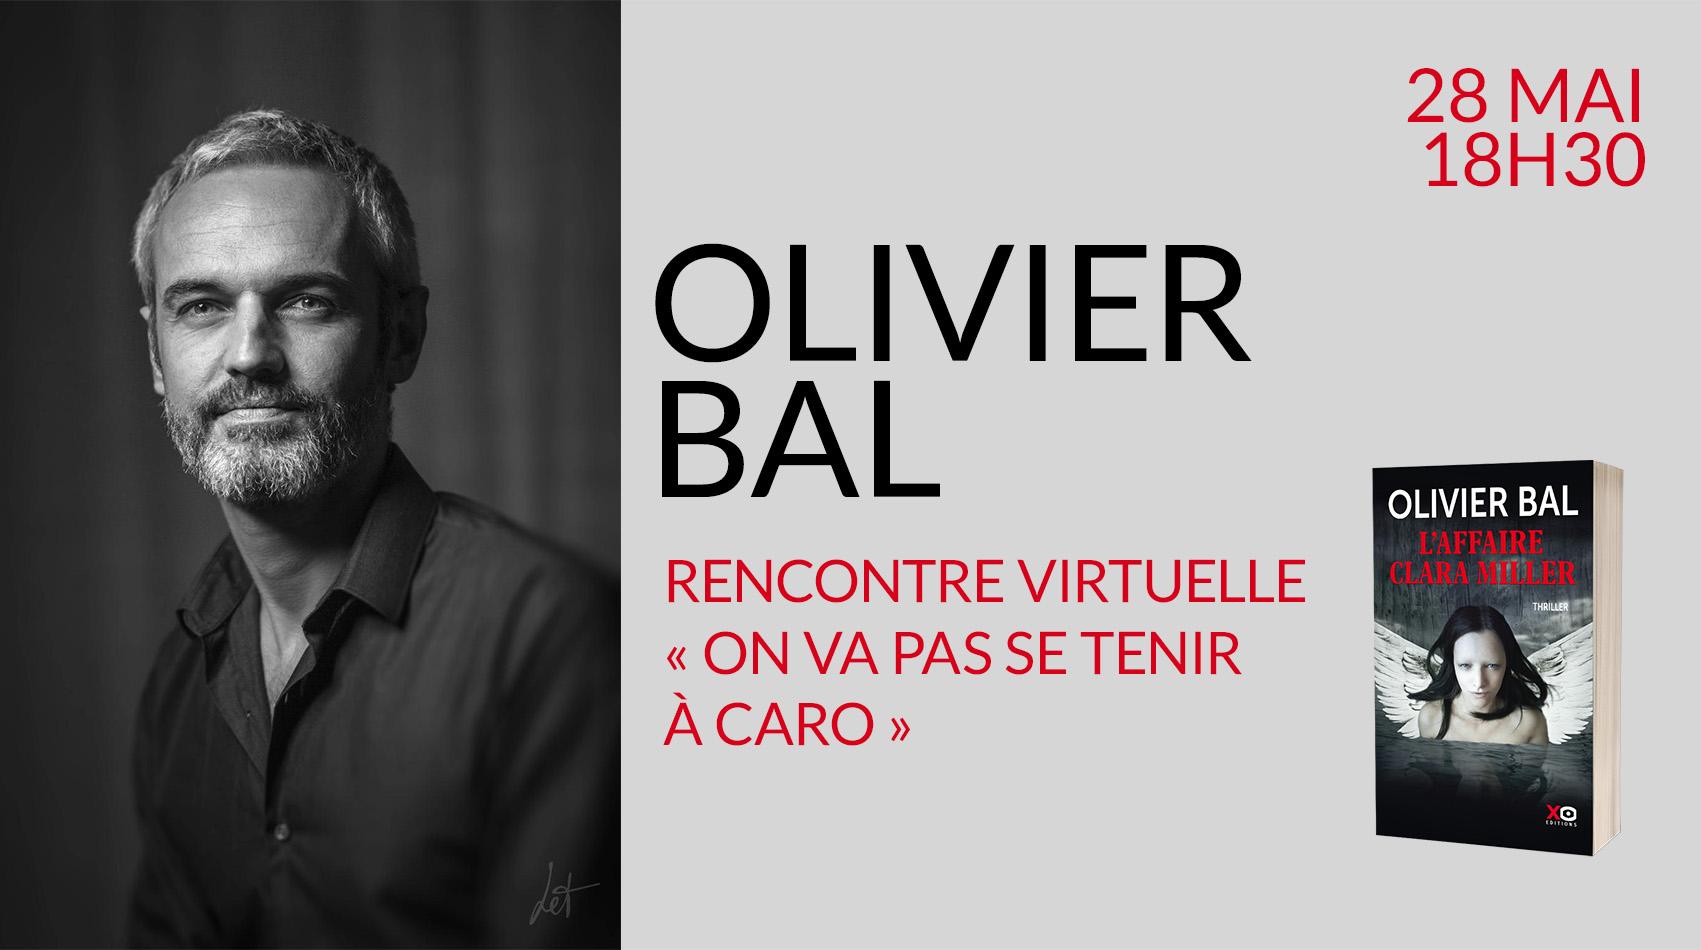 Rencontre virtuelle avec Olivier Bal